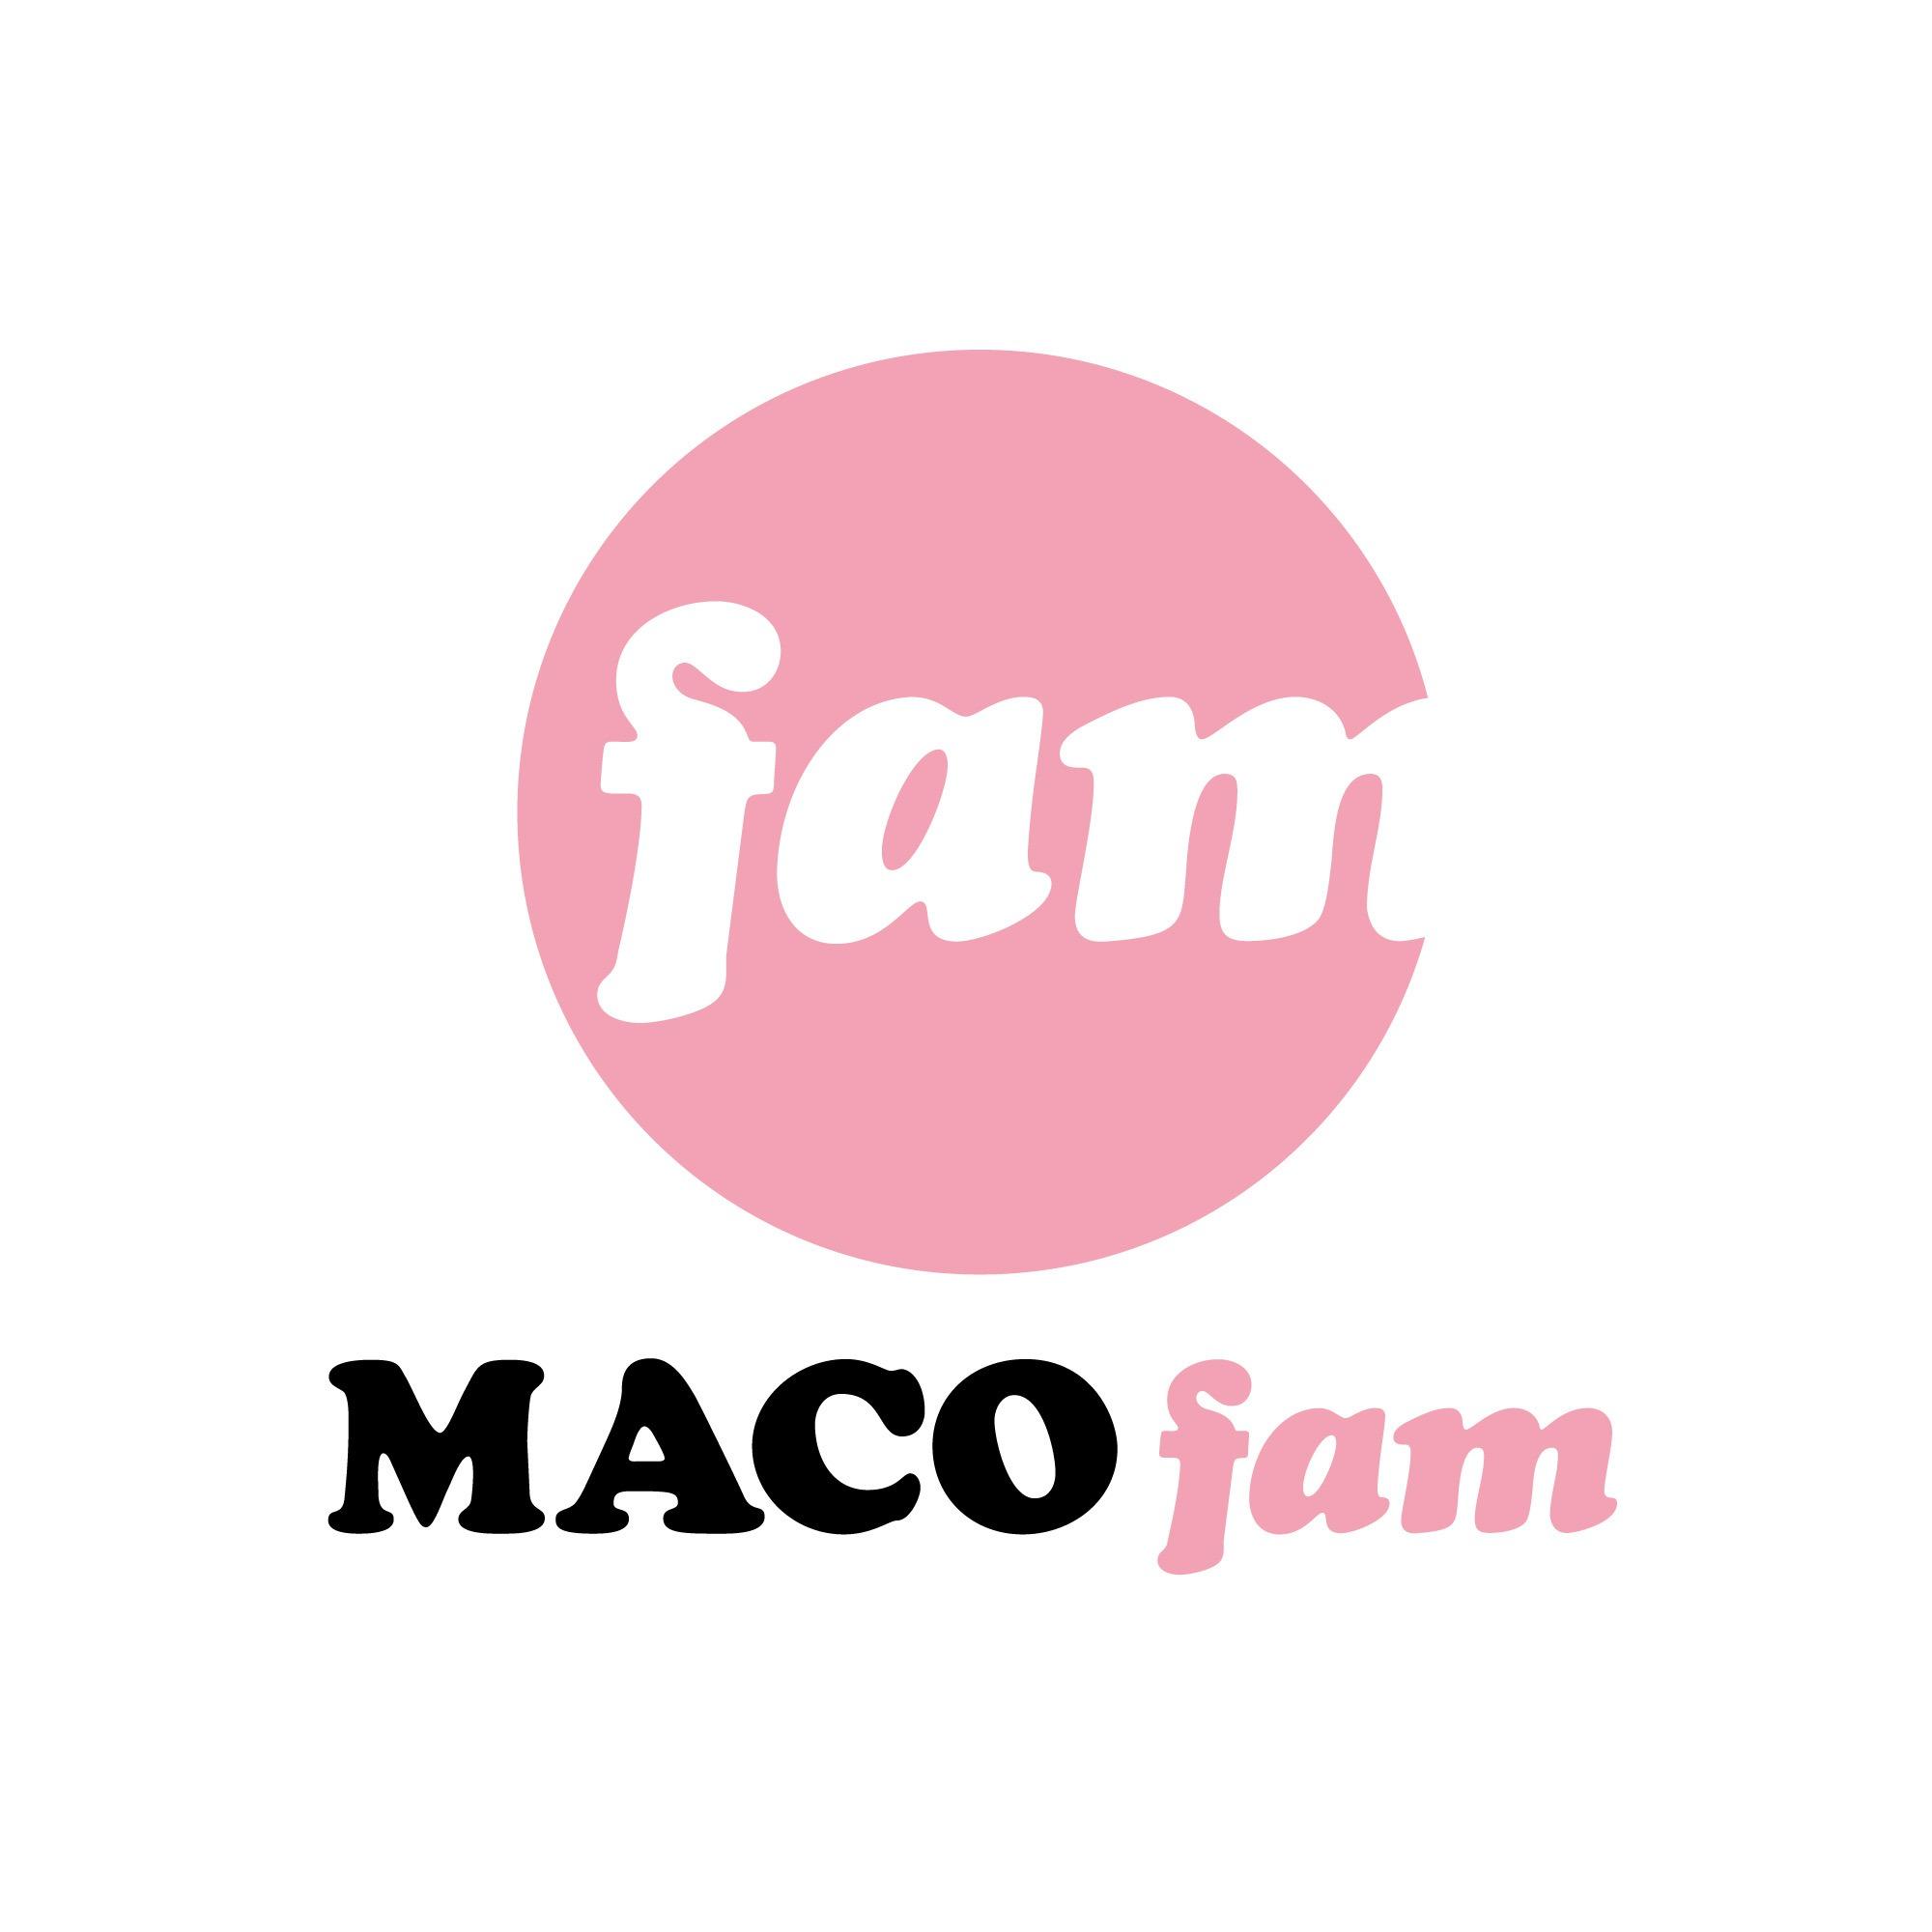 MACOfam FAN CLUB